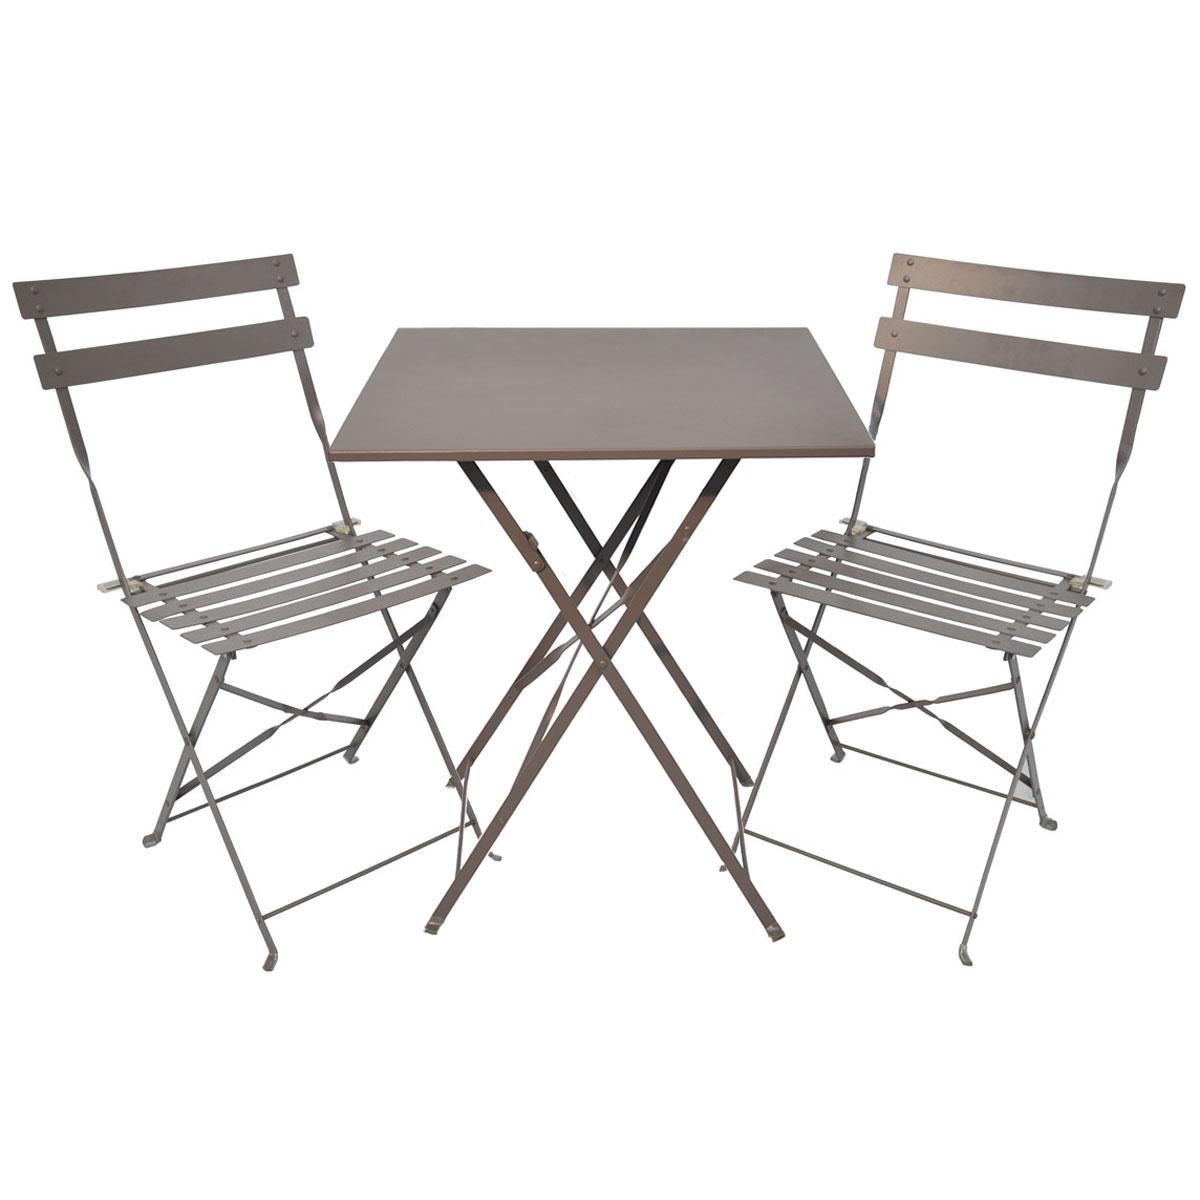 Table De Terrasse Pas Cher Chaise Table De Jardin Salon Terrasse Pas Cher